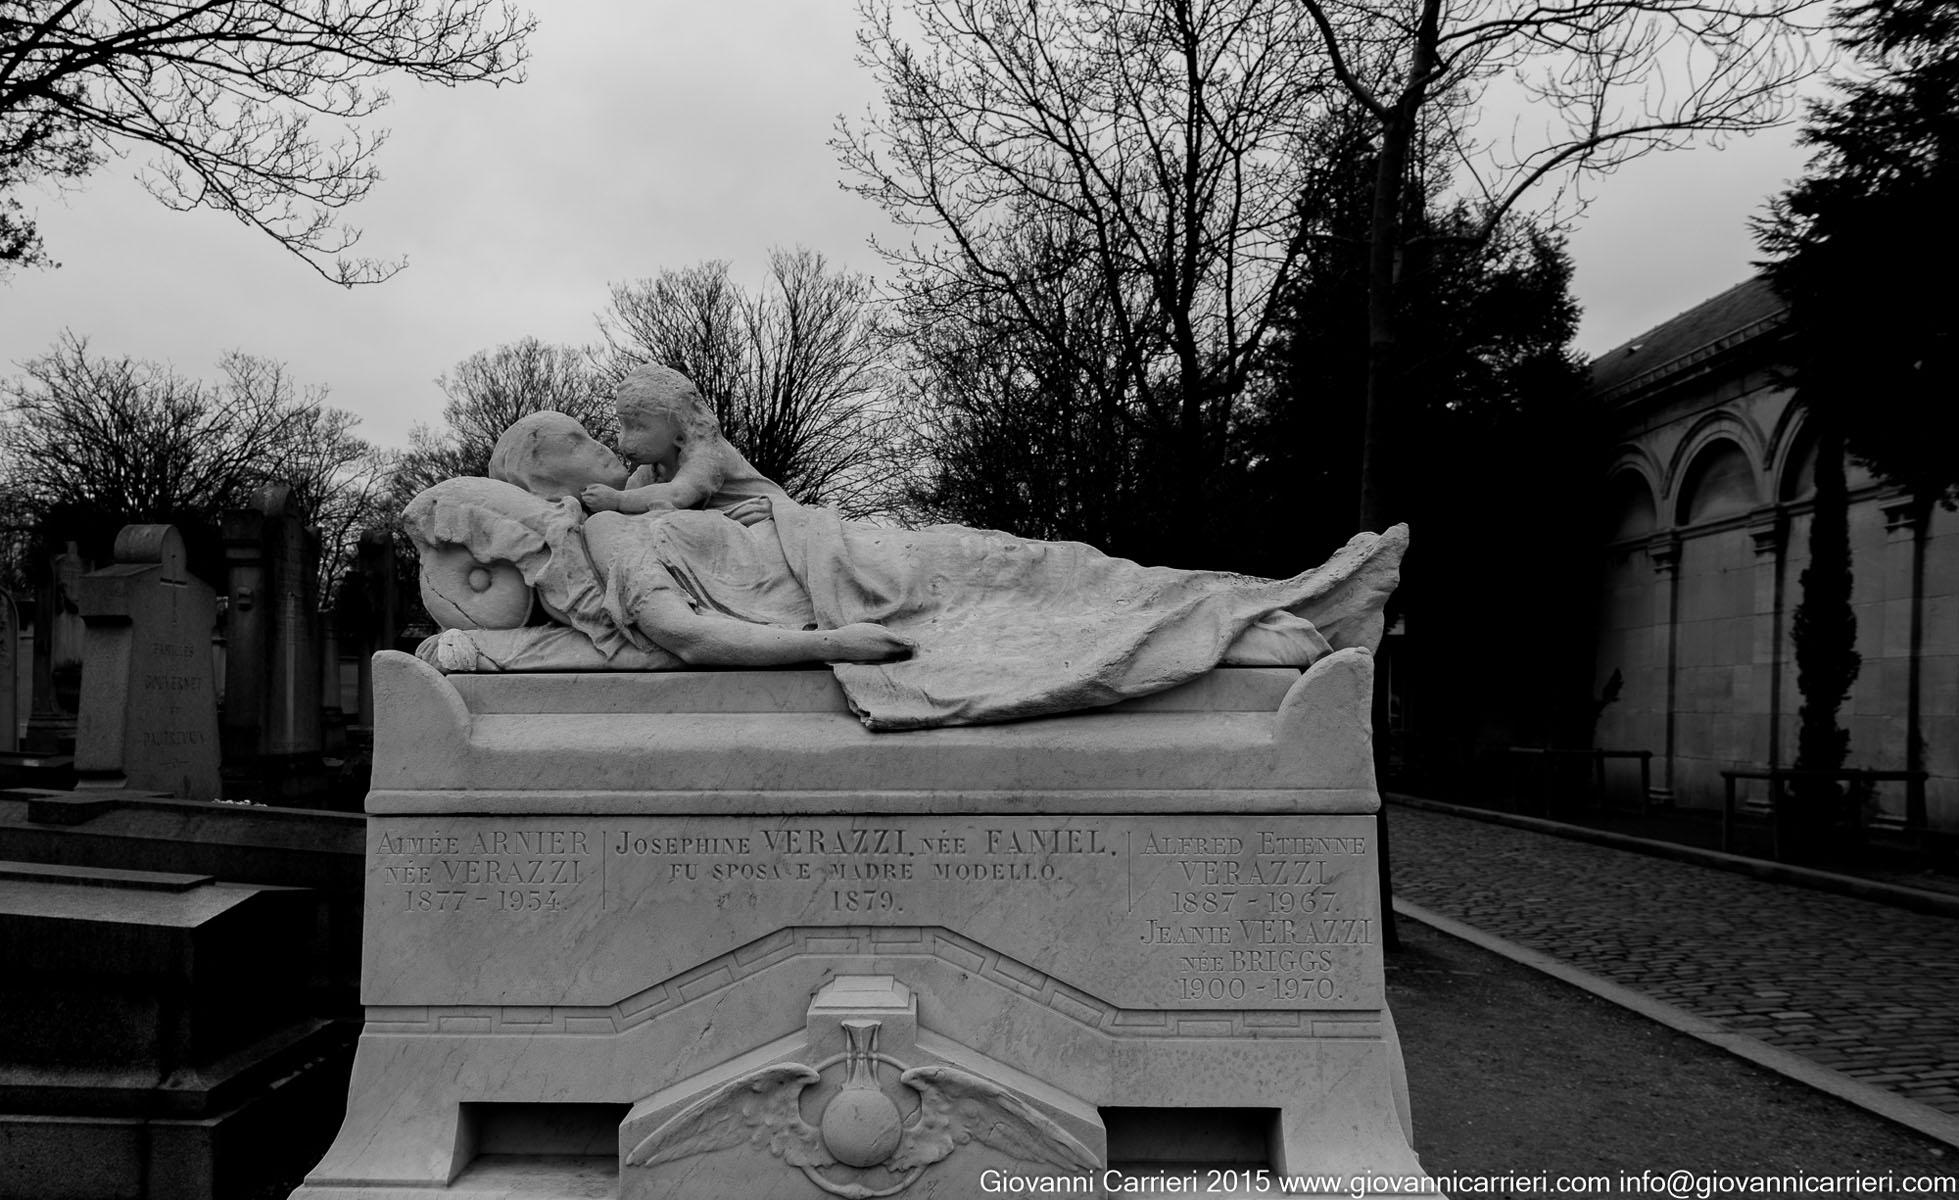 La tomba di Josephine Verrazzi e del figlio